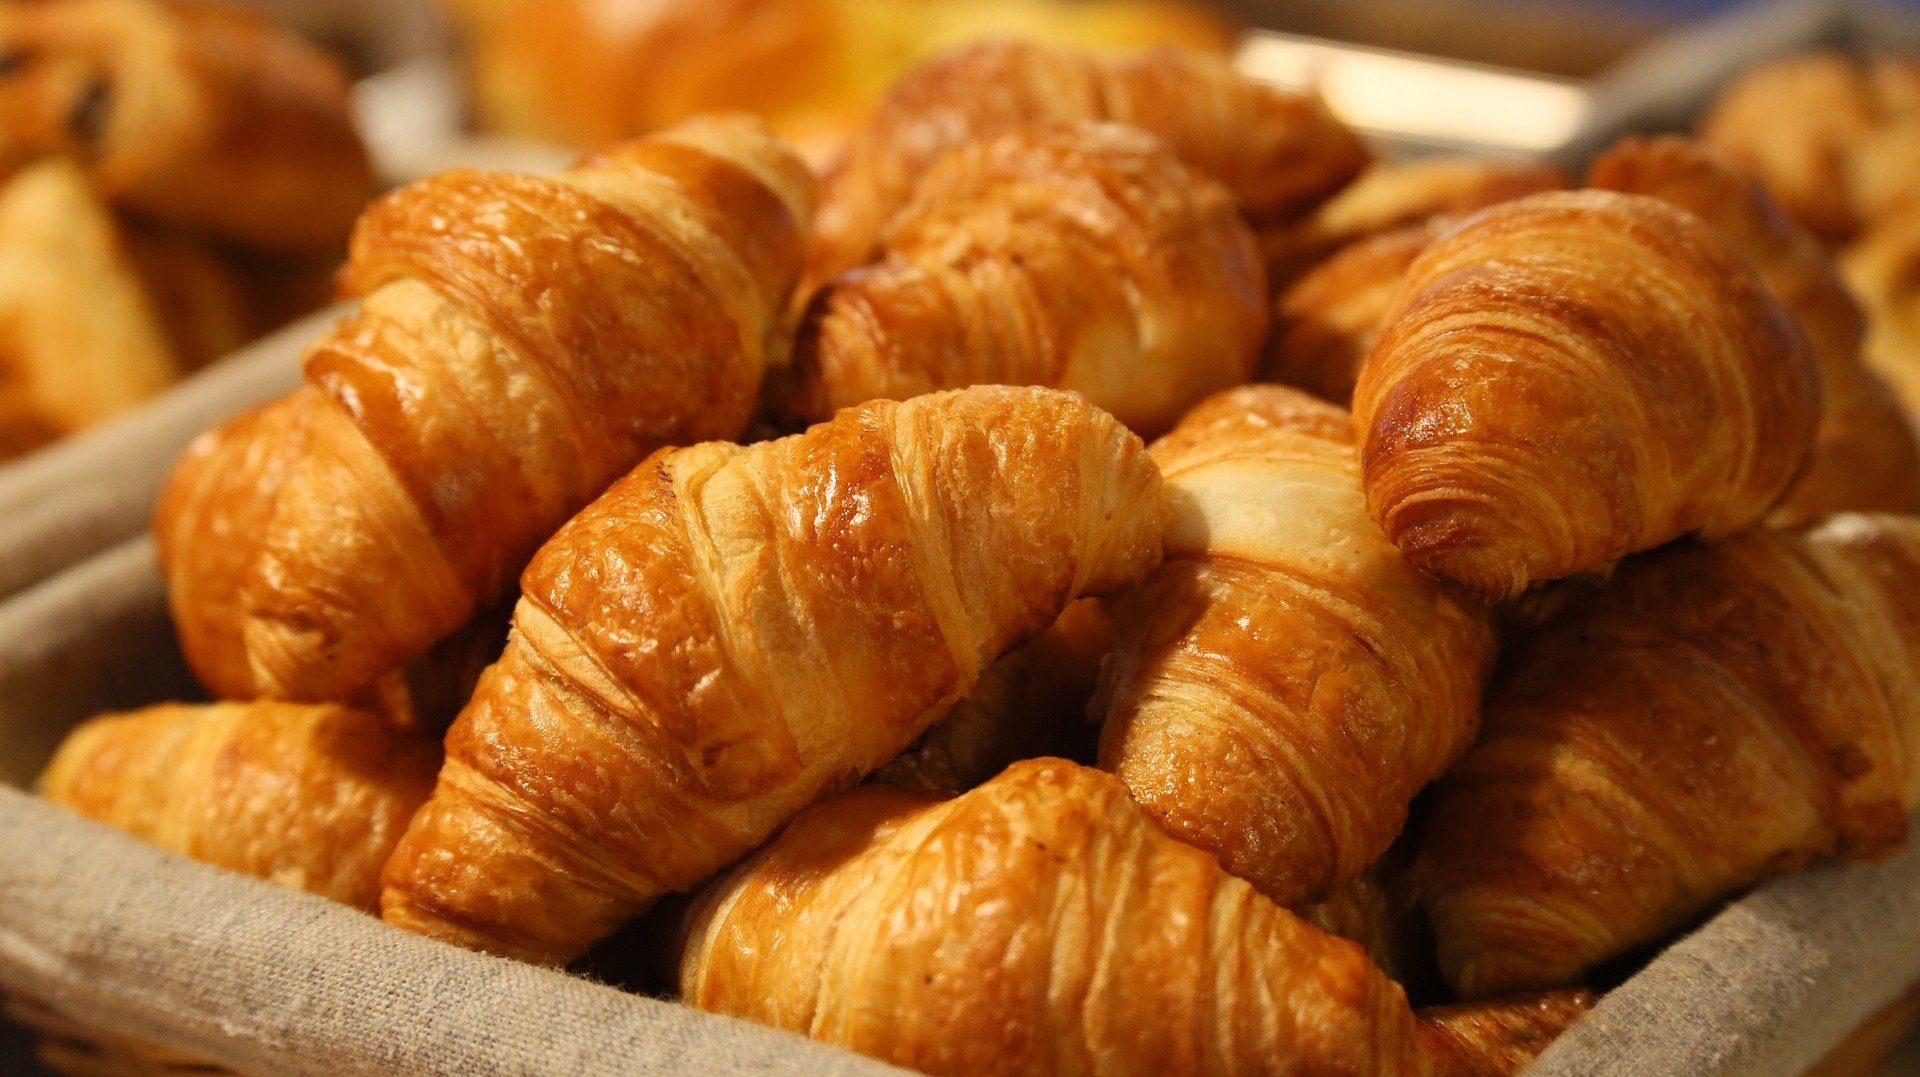 Vemos vários croissants em uma cesta (imagem ilustrativa). Texto: franquia de fast-food croasonho.